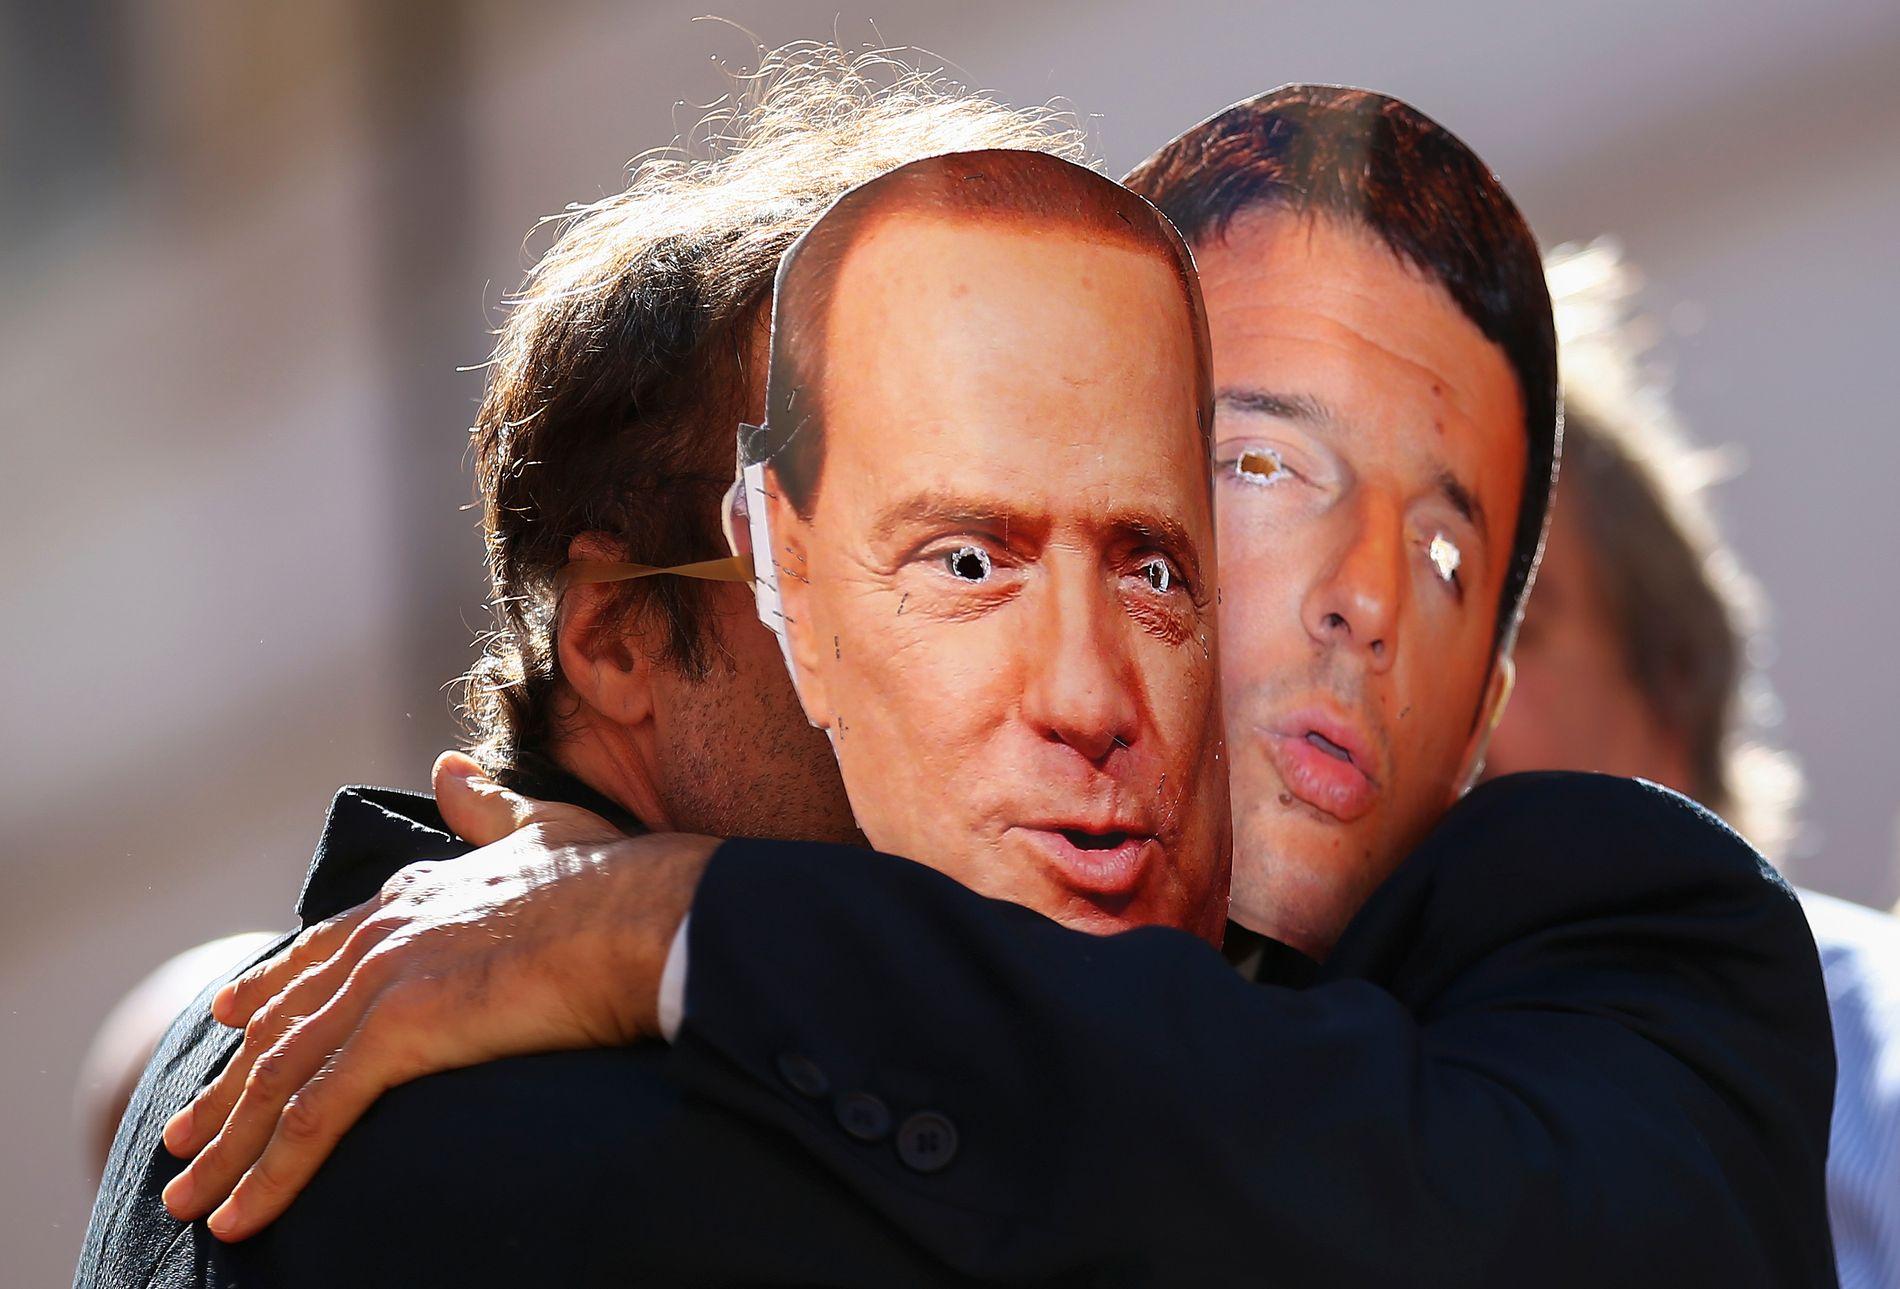 MASKERADE: Demonstranter som protesterte mot det nye partnerskapet mellom høyre- og venstresiden i italiensk politikk for å vedta ny valglov, bar masker av de tidligere statsministrene Silvio Berlusconi og  Matteo Renzi.